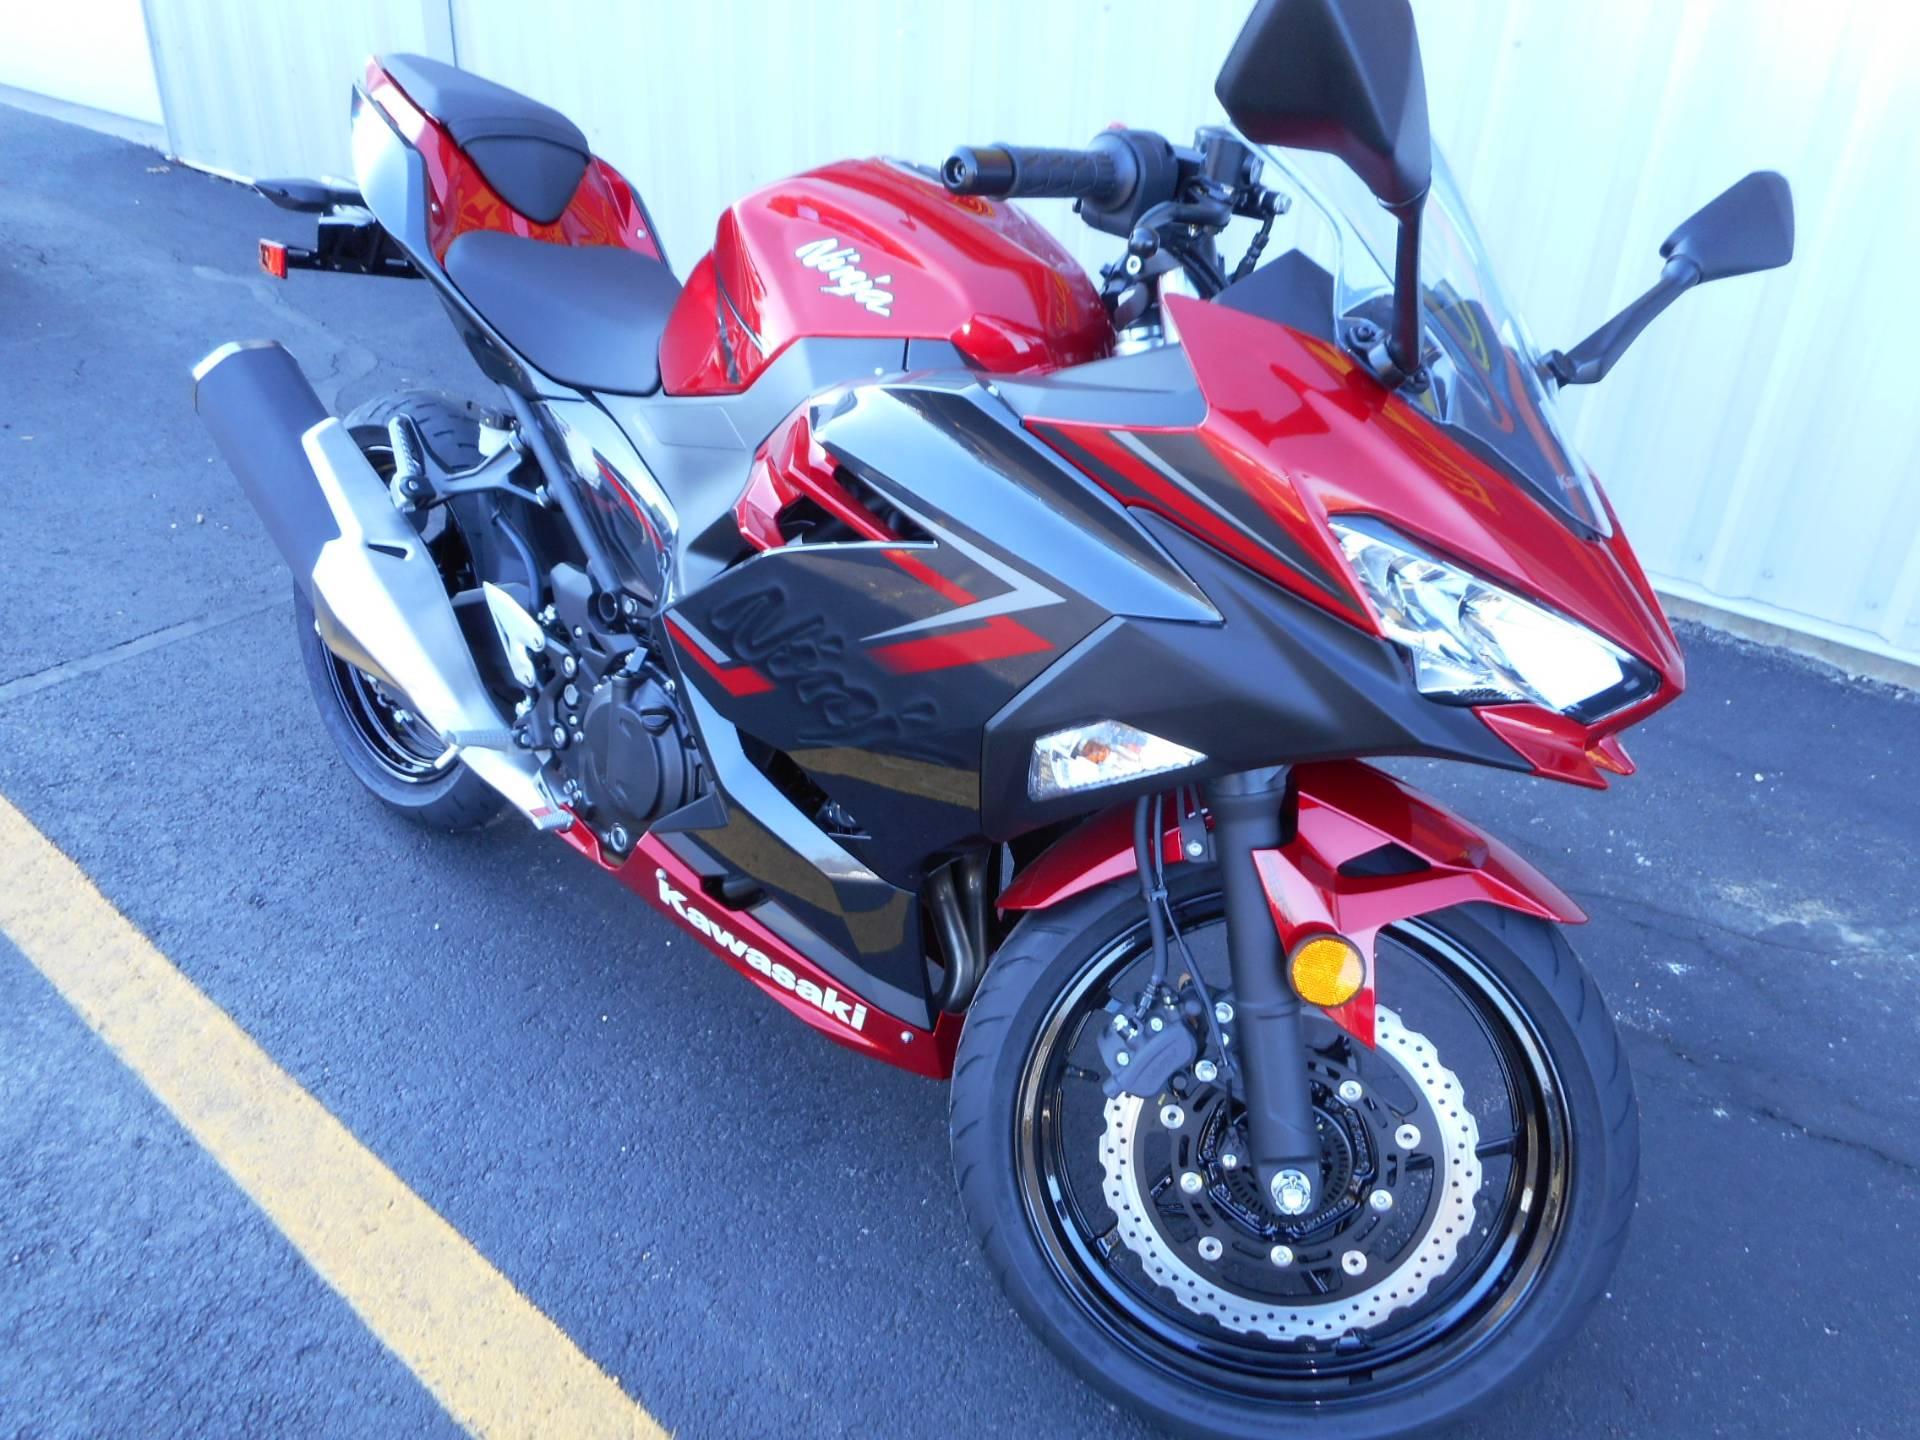 2019 Kawasaki Ninja 400 ABS 3